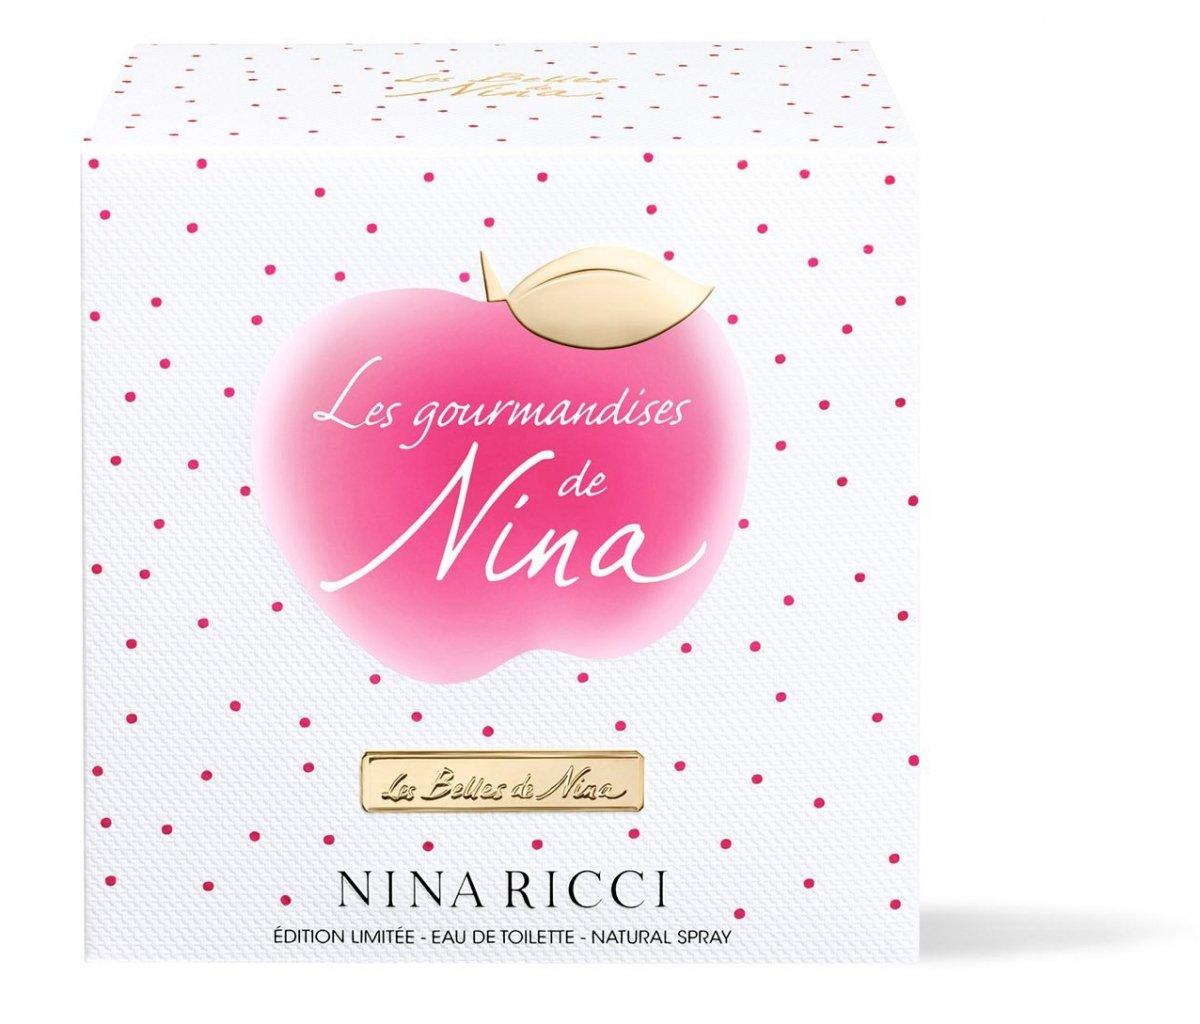 Nina Ricci Les Gourmandises de Nina